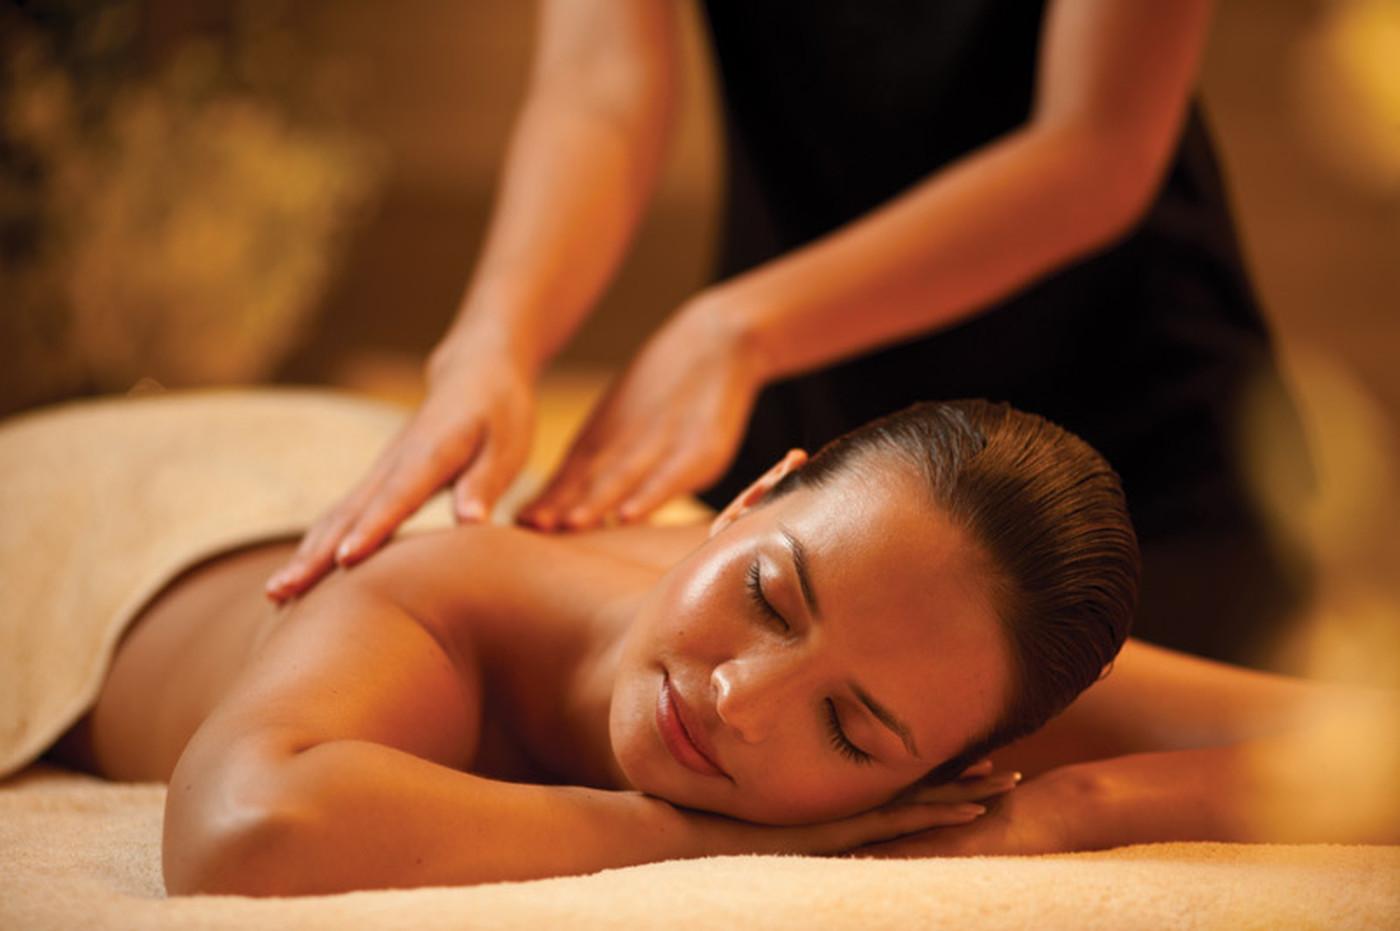 Салоны эротического массажа для женщин мну